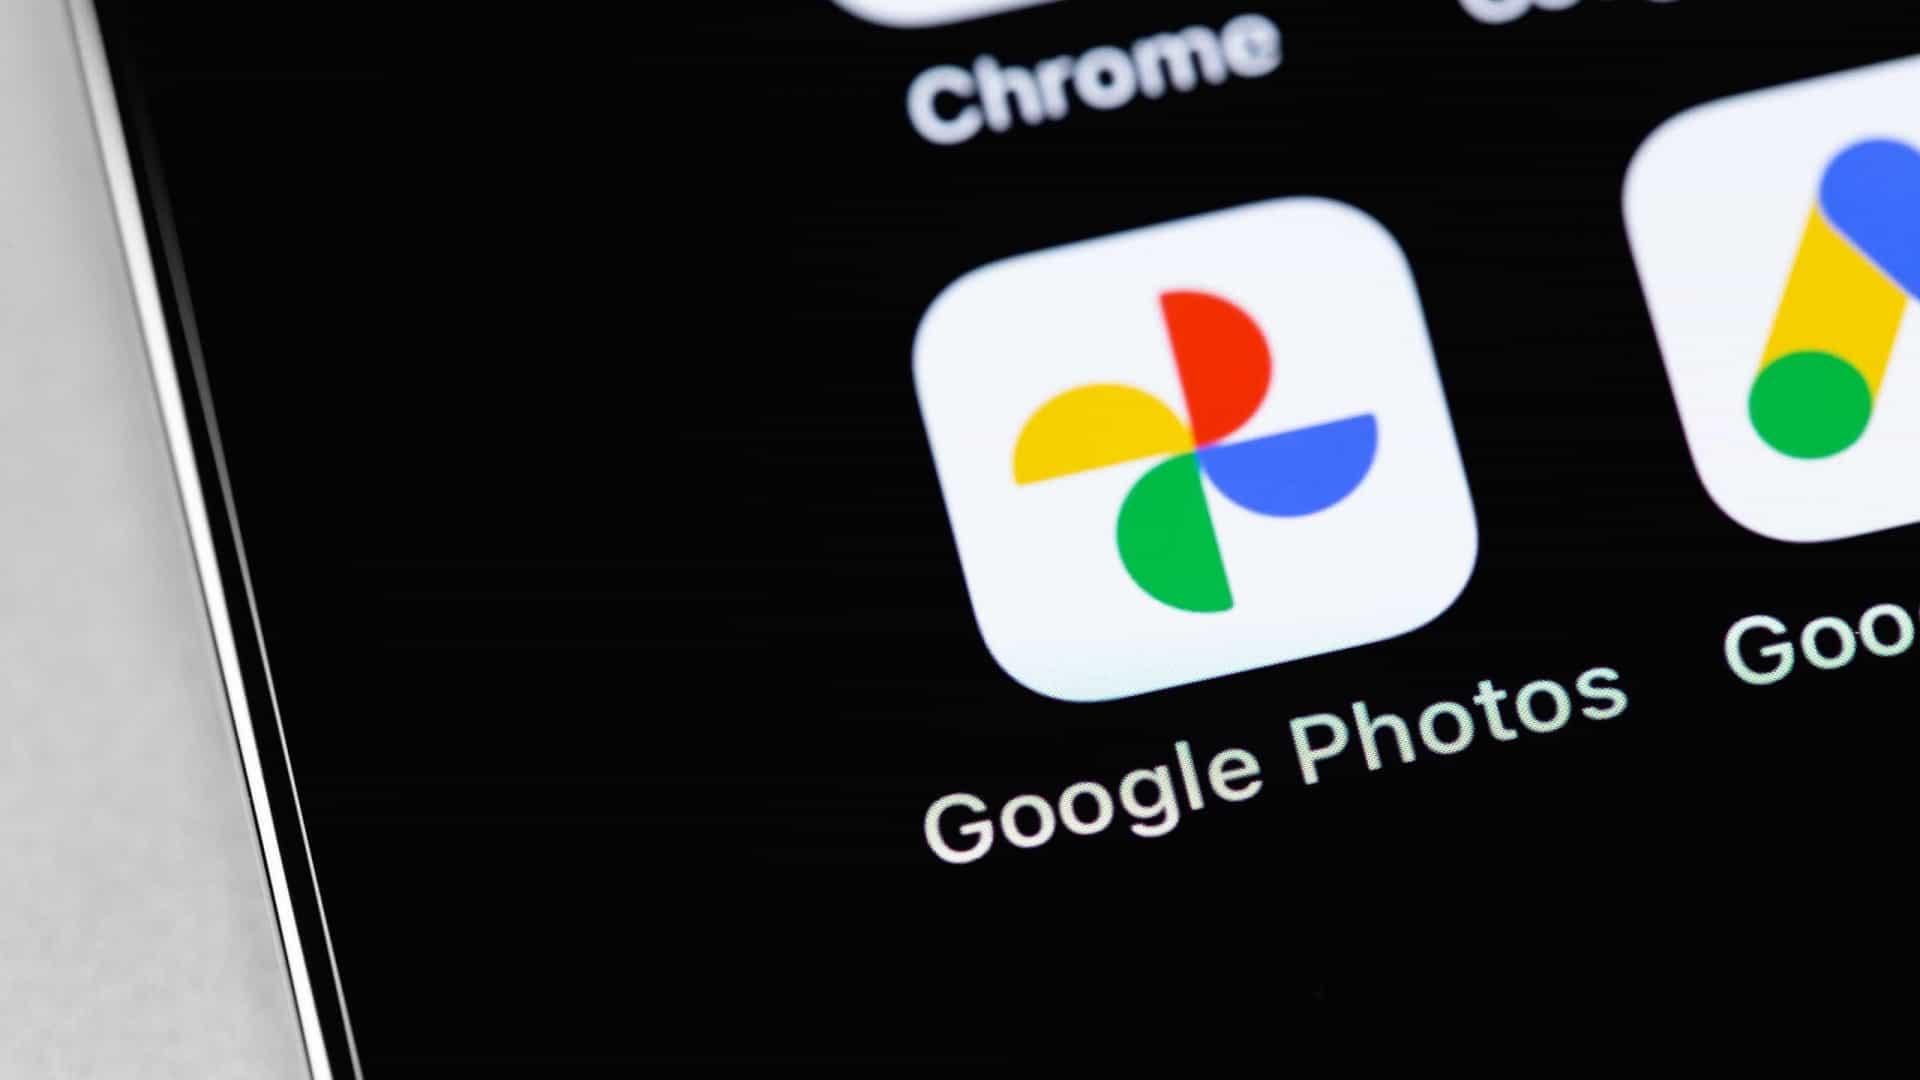 naom 60b5e1bf3c4a7 - Google Photos começa a ser pago a partir desta terça-feira